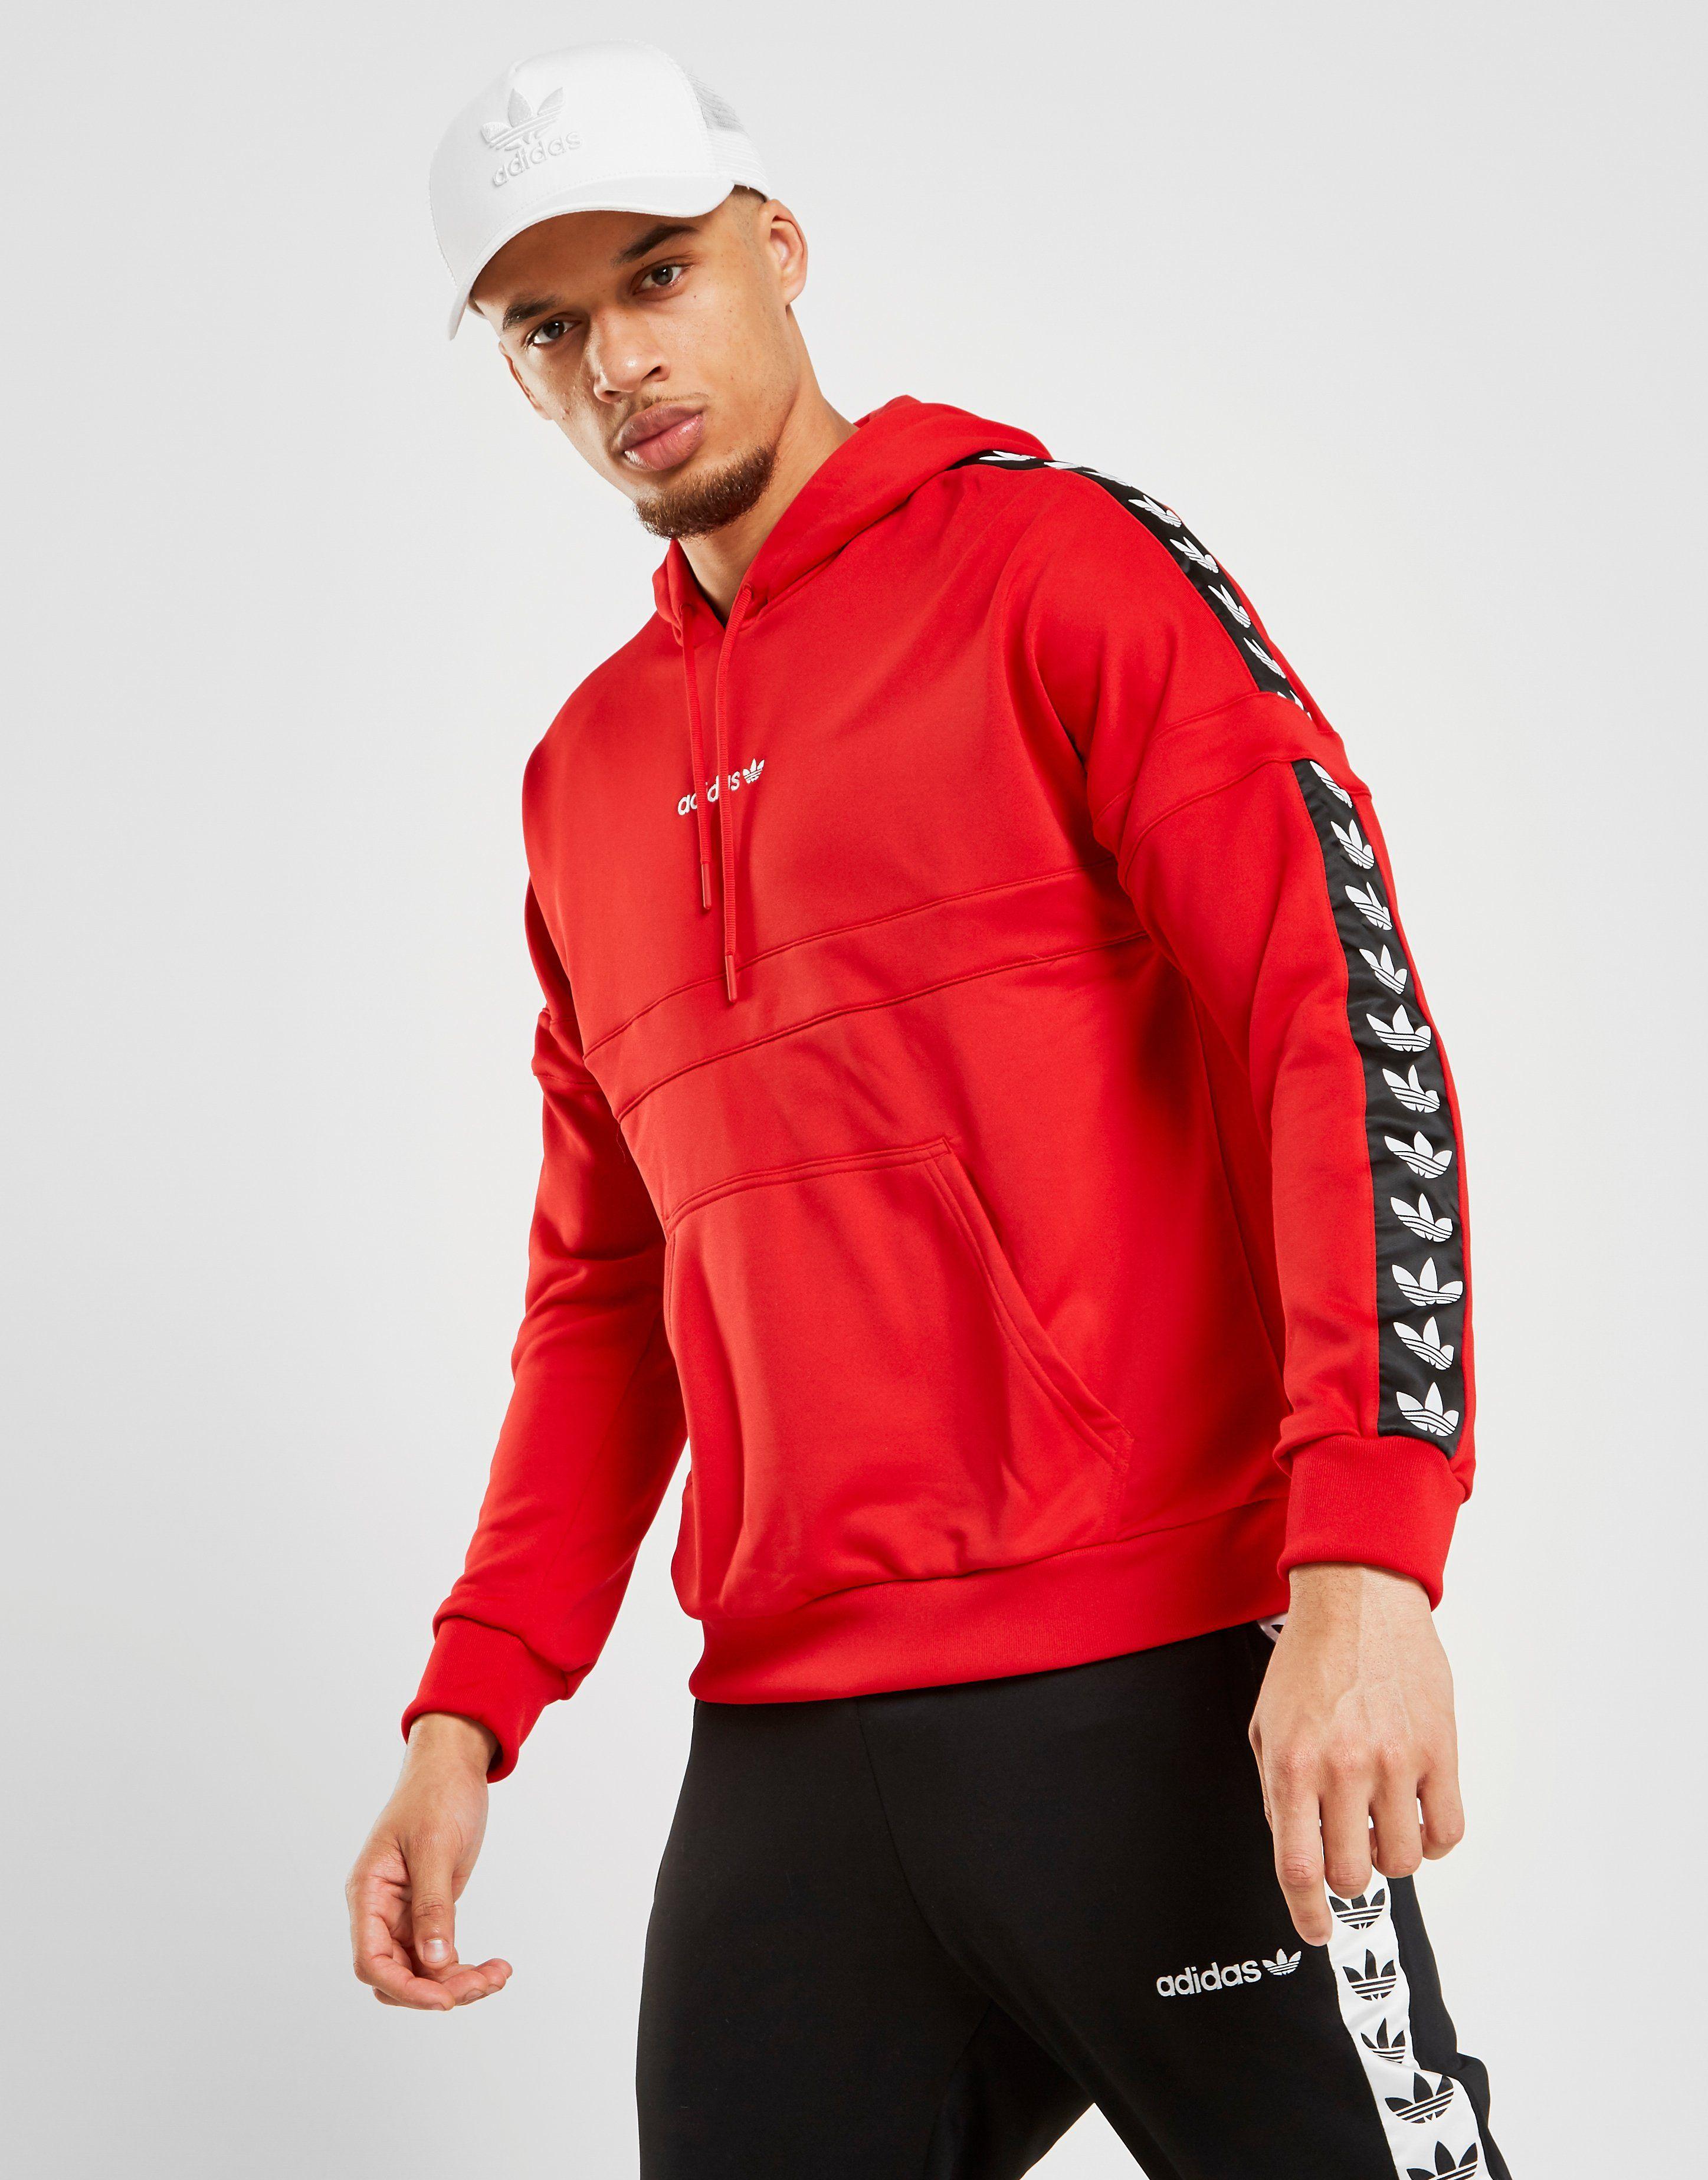 HommeJd Originals À Adidas Capuche Sports Sweat Tape 6vfgYby7